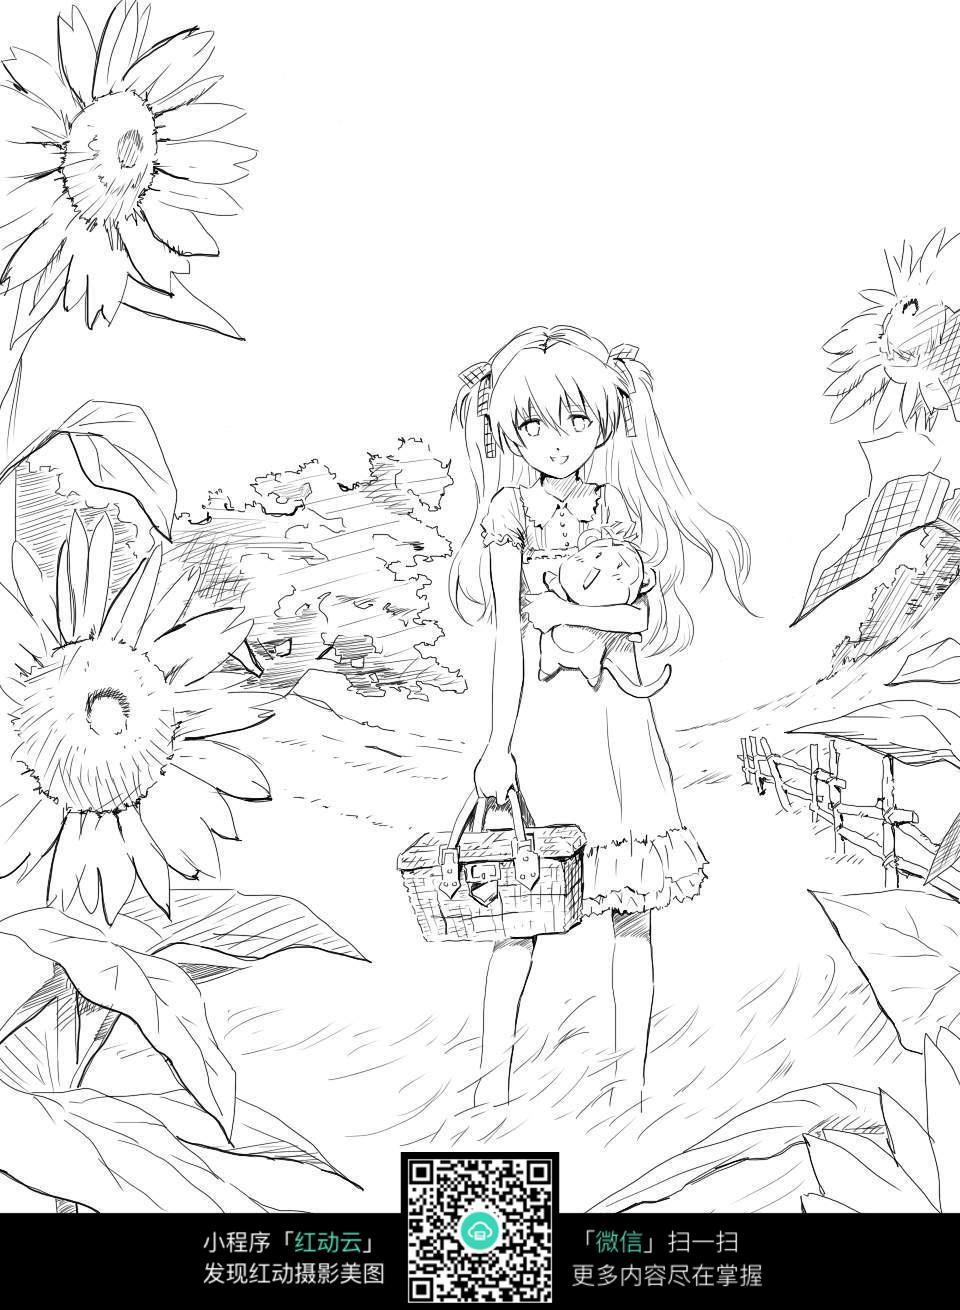 卡通漫画美少女向日葵线稿